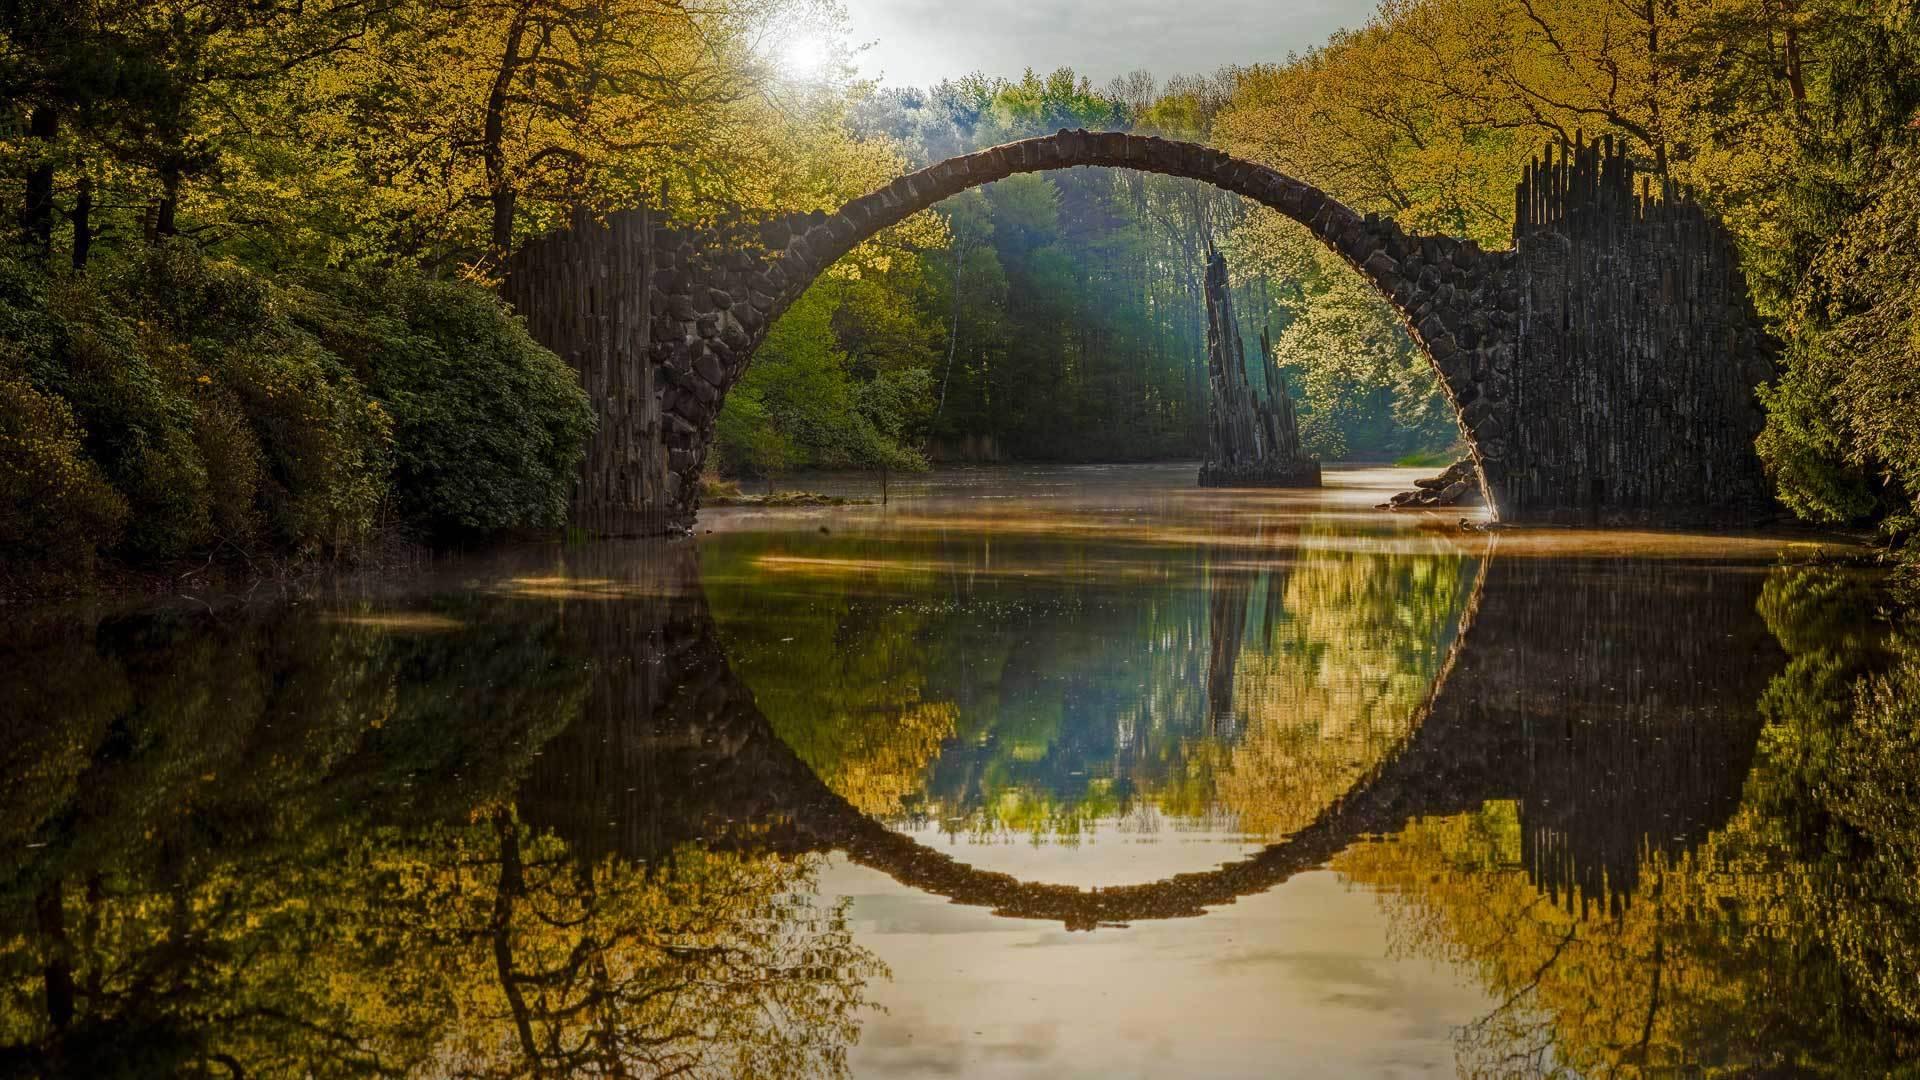 桥与影的圆